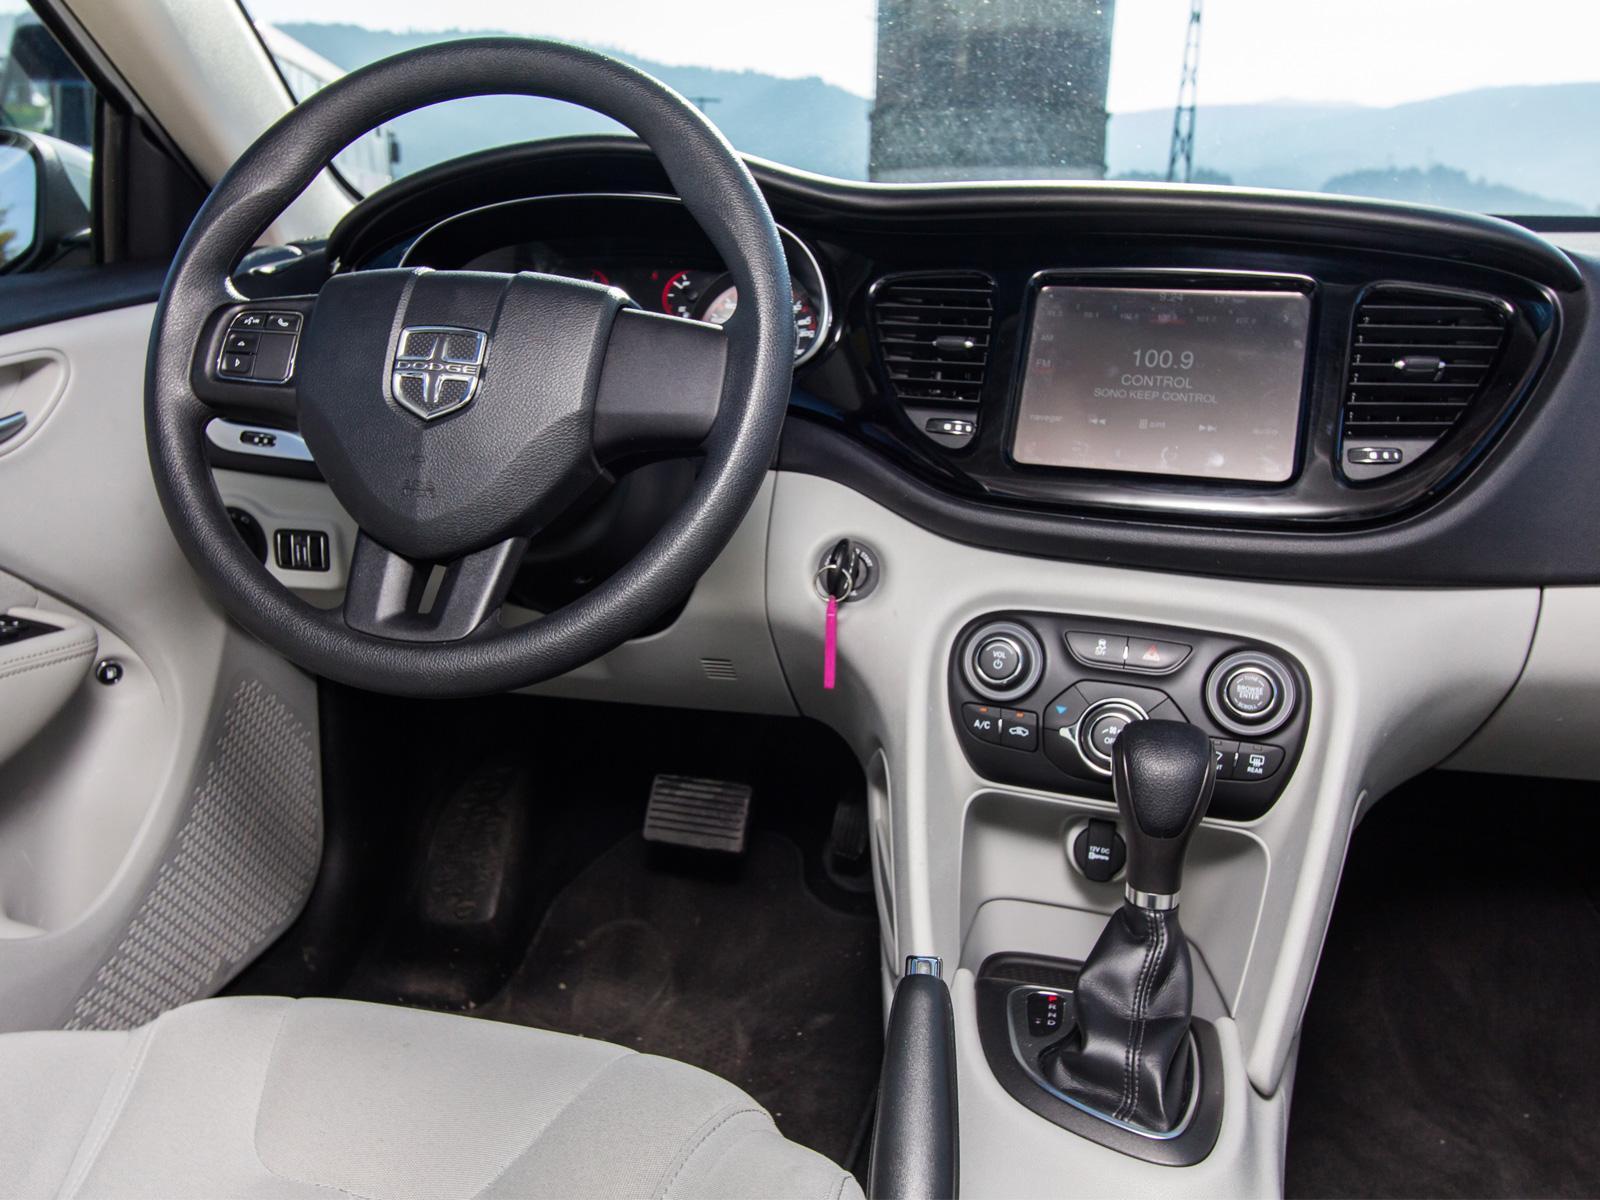 Dodge Dart SXT 2013 a prueba - Autocosmos.com